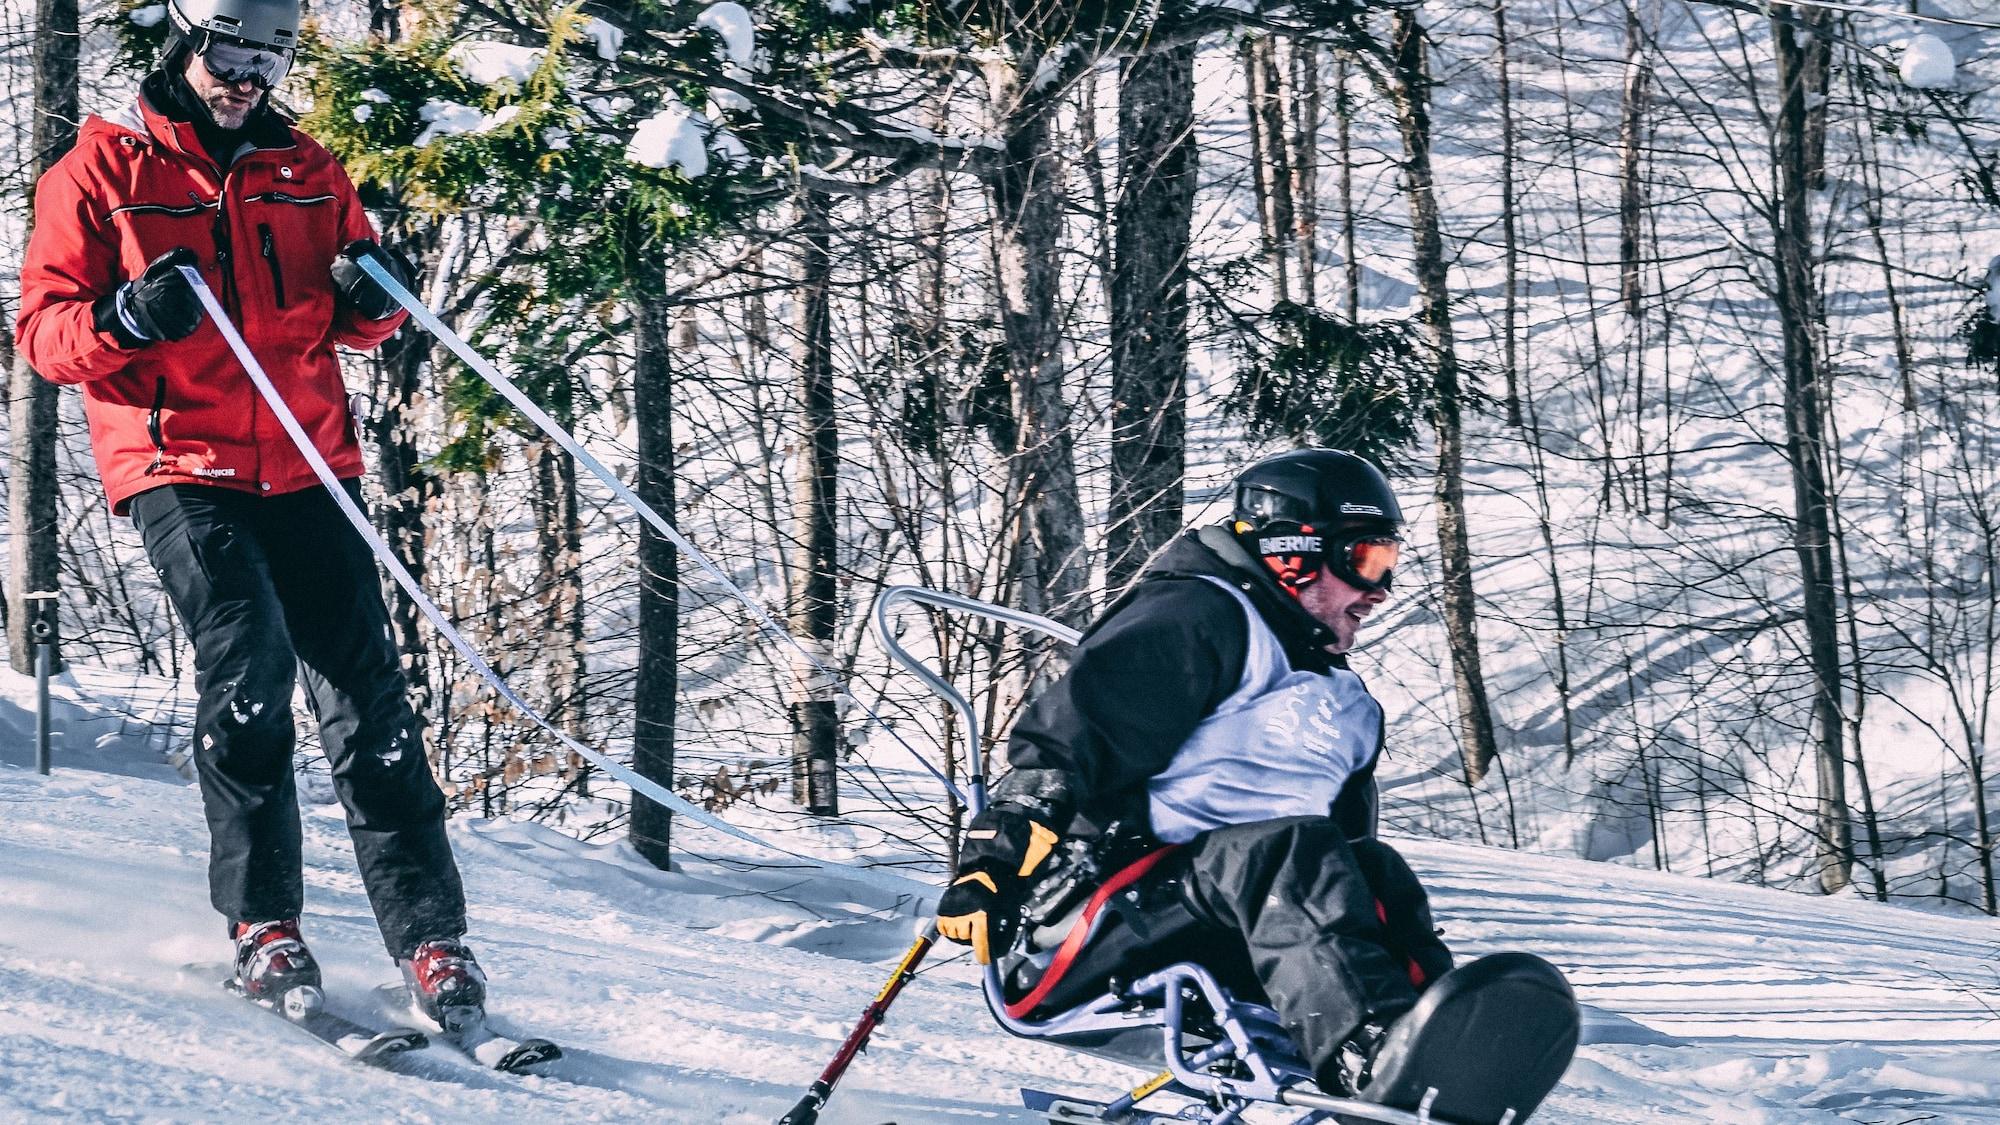 Un homme faut du ski assis, sécurité par Steve Charbonneau qui le suit dans la descente.